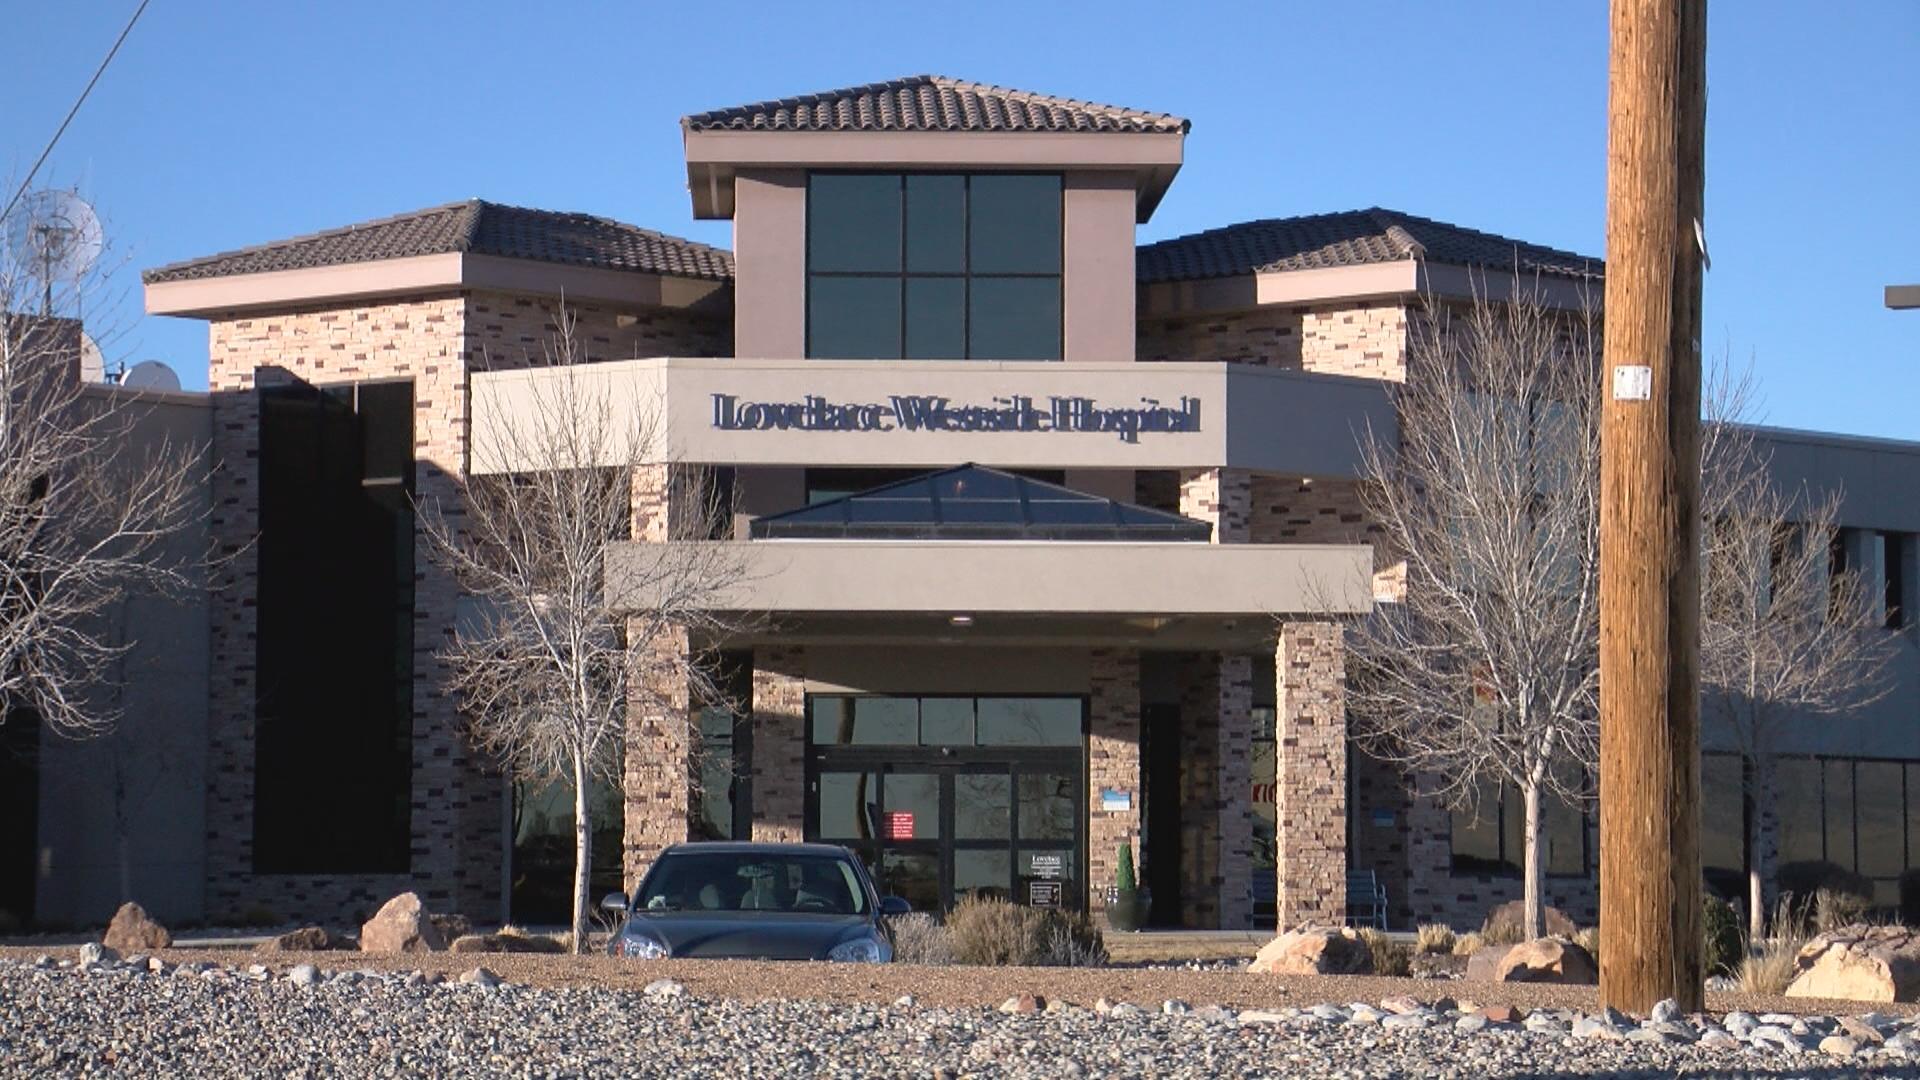 lovelace westside hospital jan 2019_1548306999441.jpg.jpg